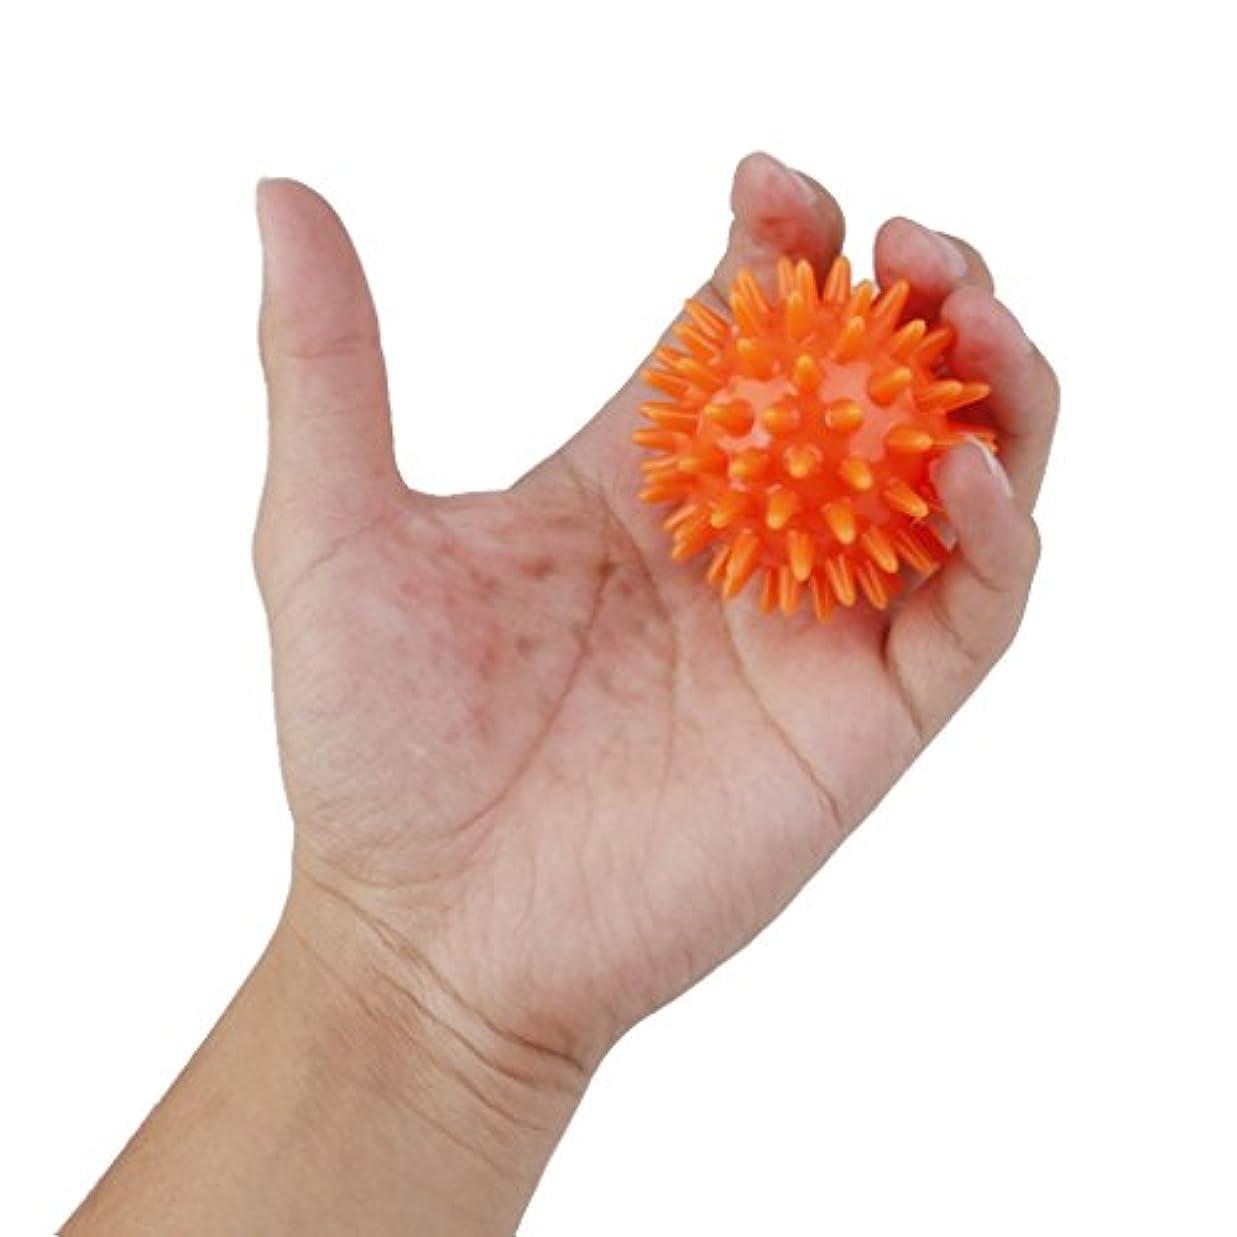 風味礼拝提供マッサージボール 手のひら 足 腕 首 背中 足首 ダーク フック側 マッサージ 疲れ 緩和 オレンジ